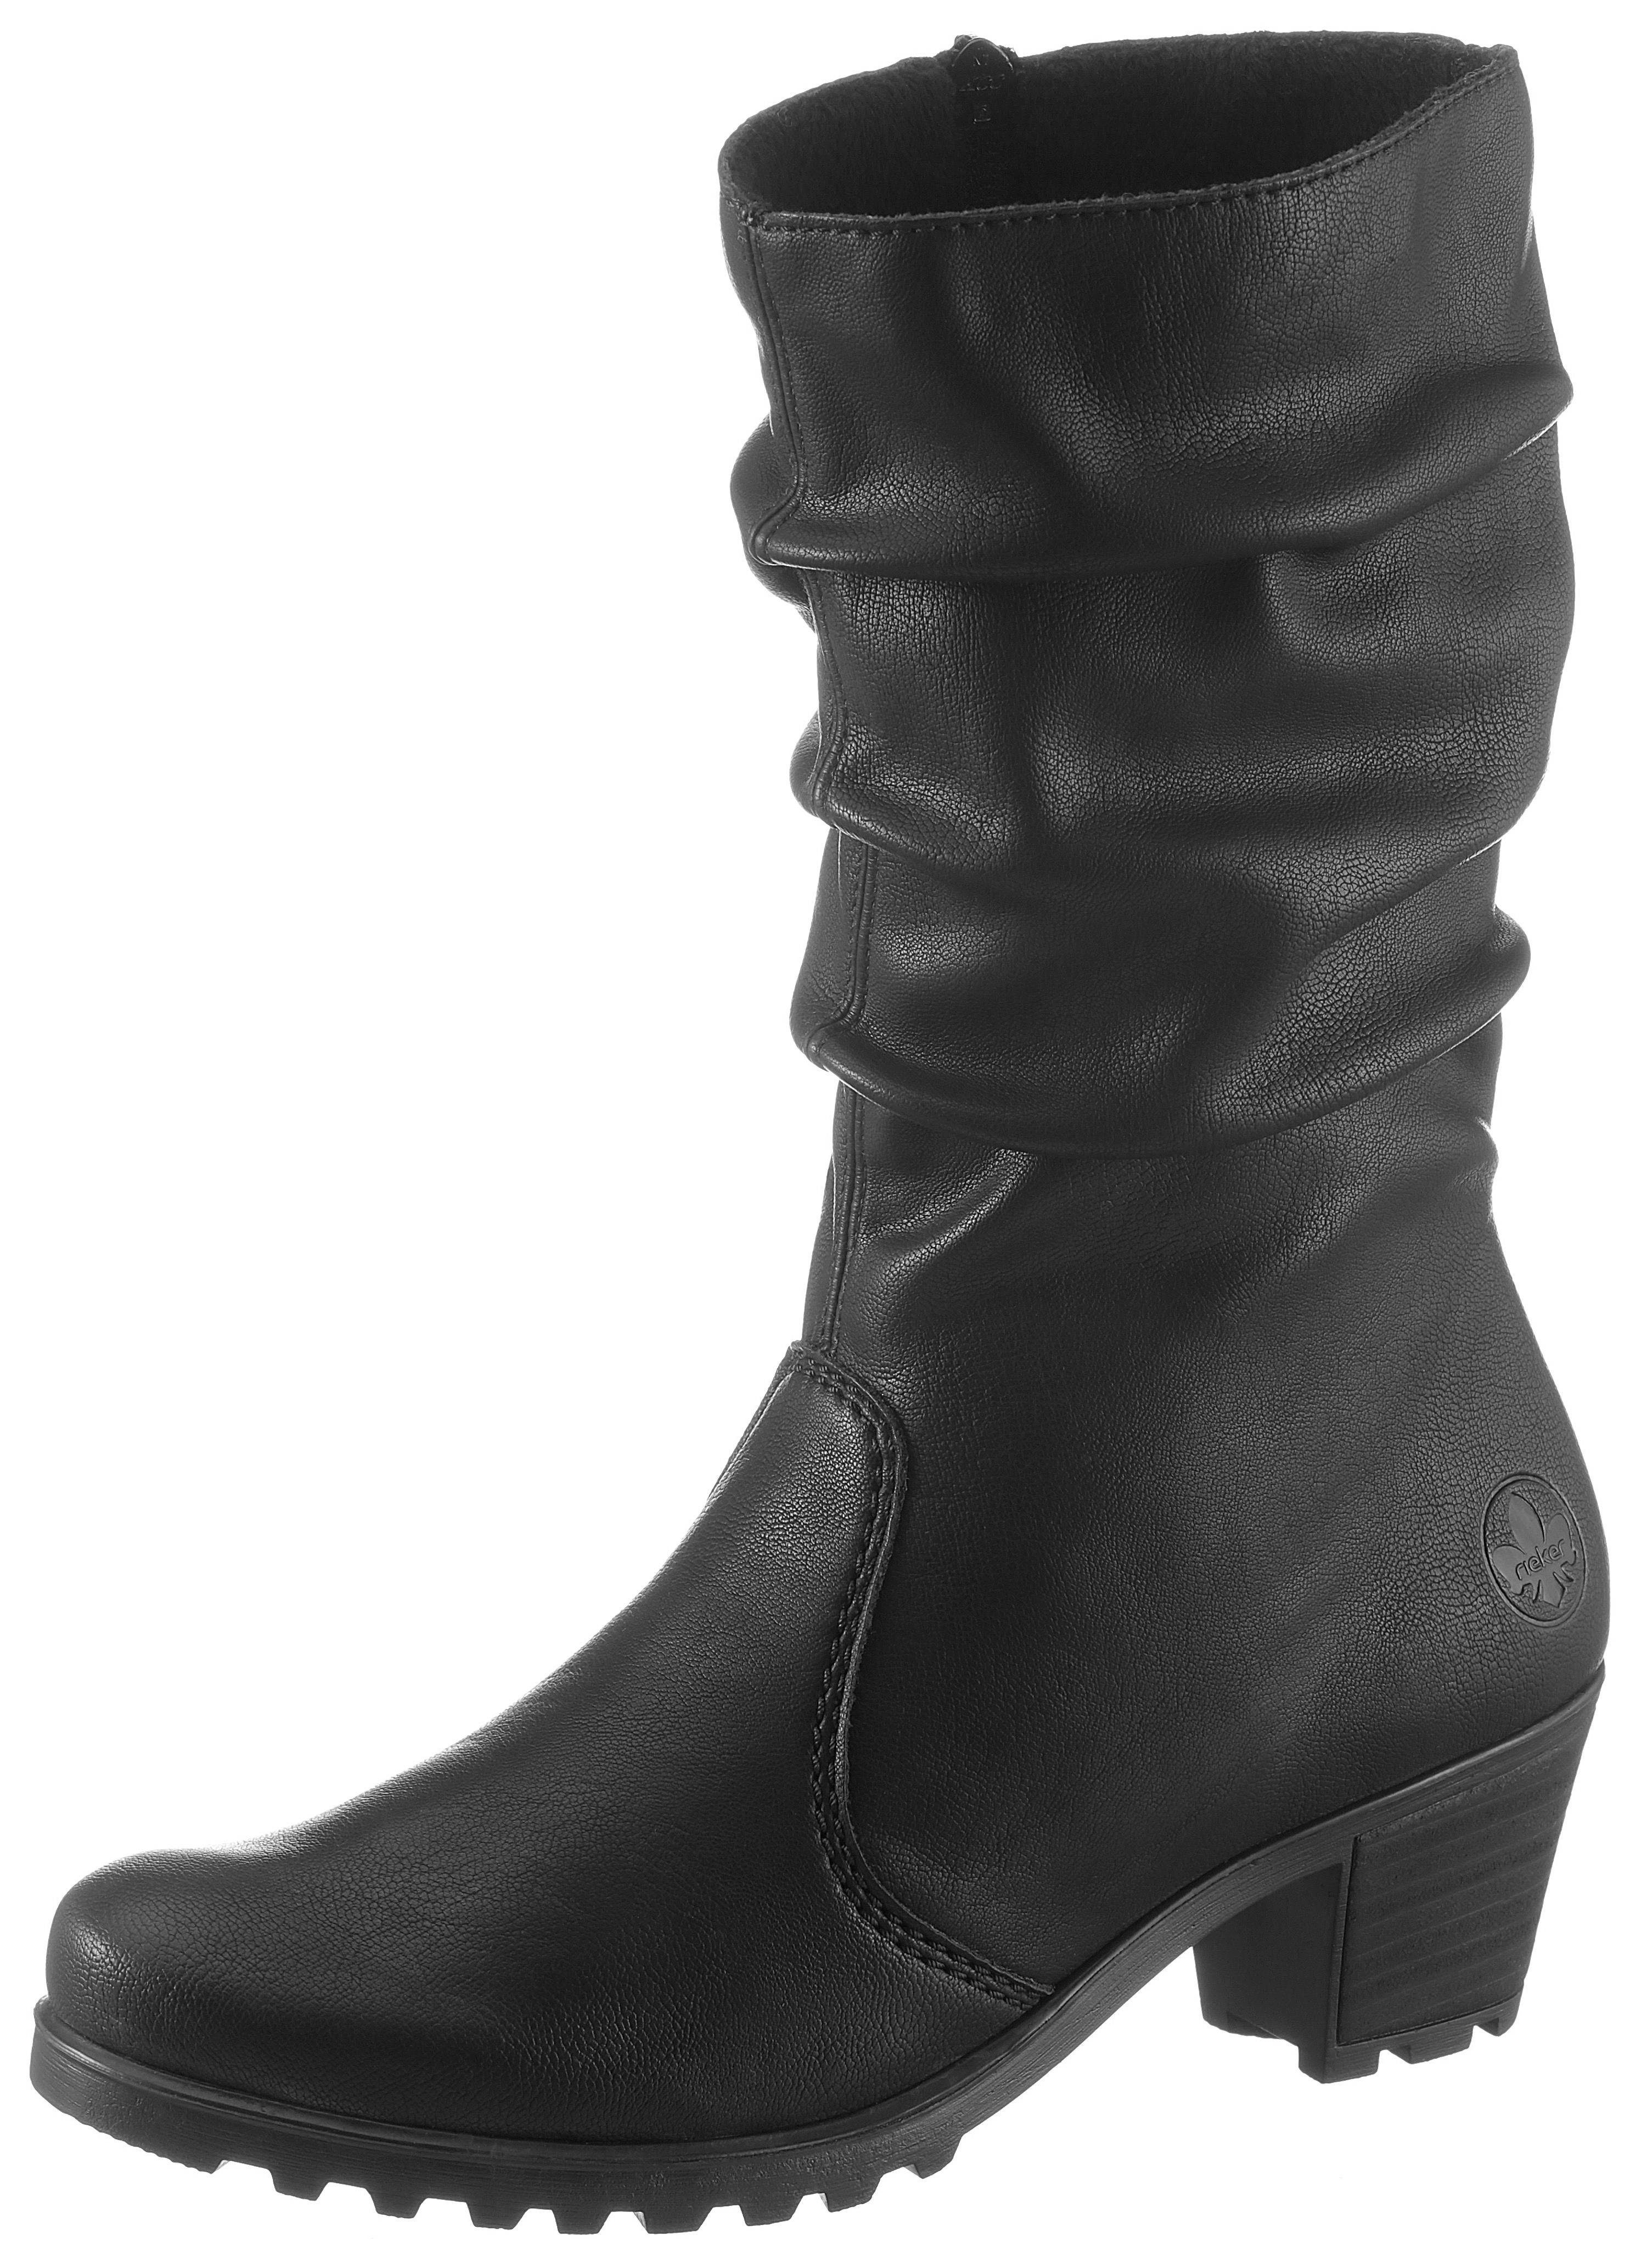 Rieker Stiefel mit Raffungen am Schaft, Kurzstiefel in elegantem Look online kaufen | OTTO